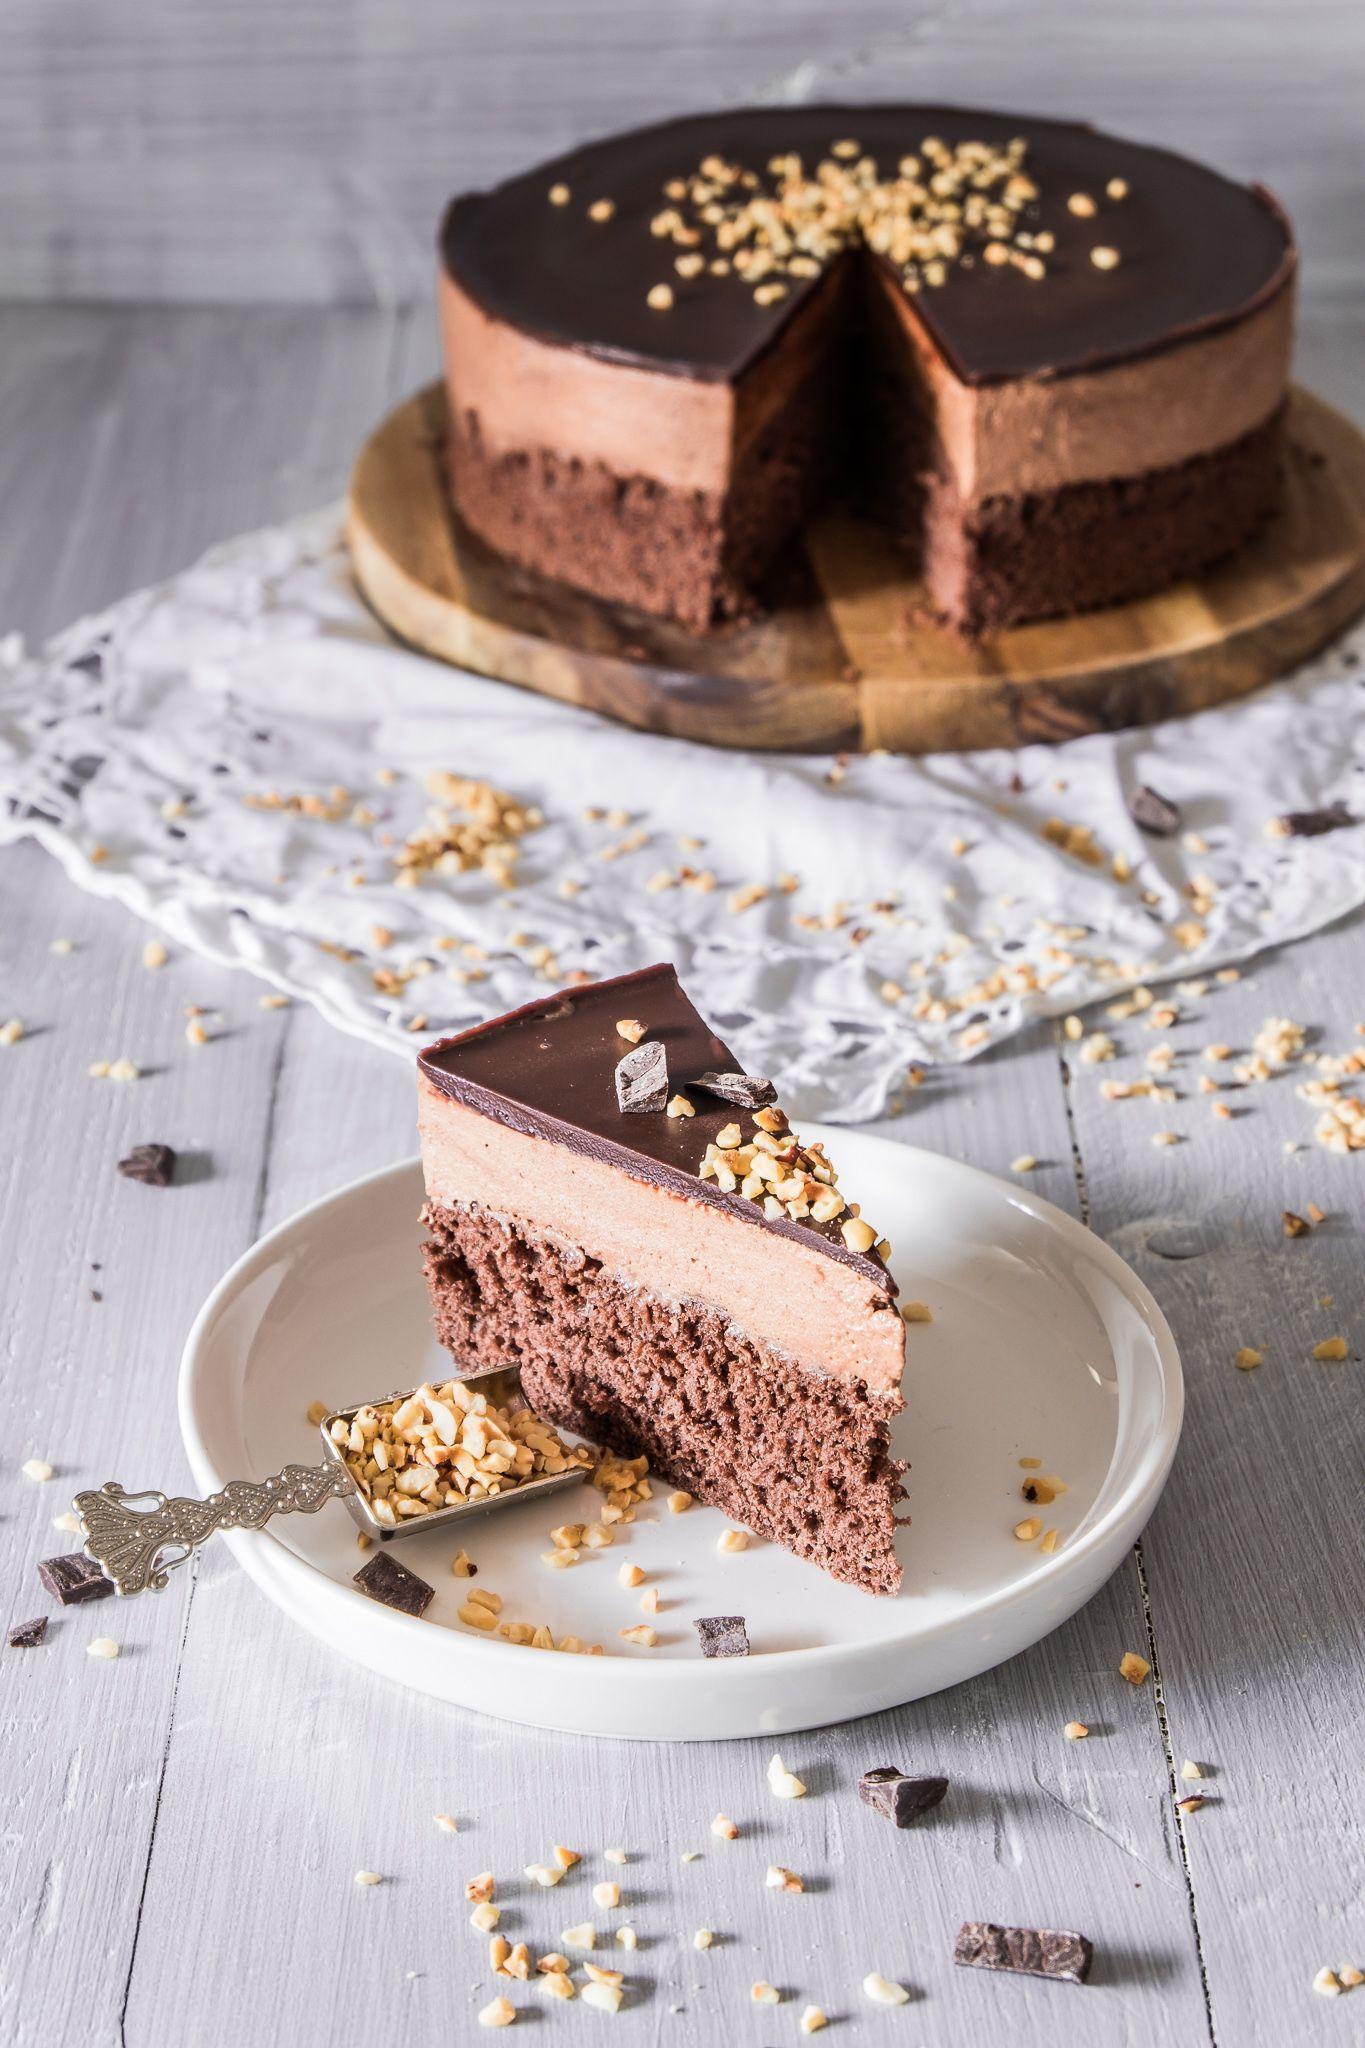 Schokoladen Mousse Kuchen - Torte - Ahalni Sweet Home